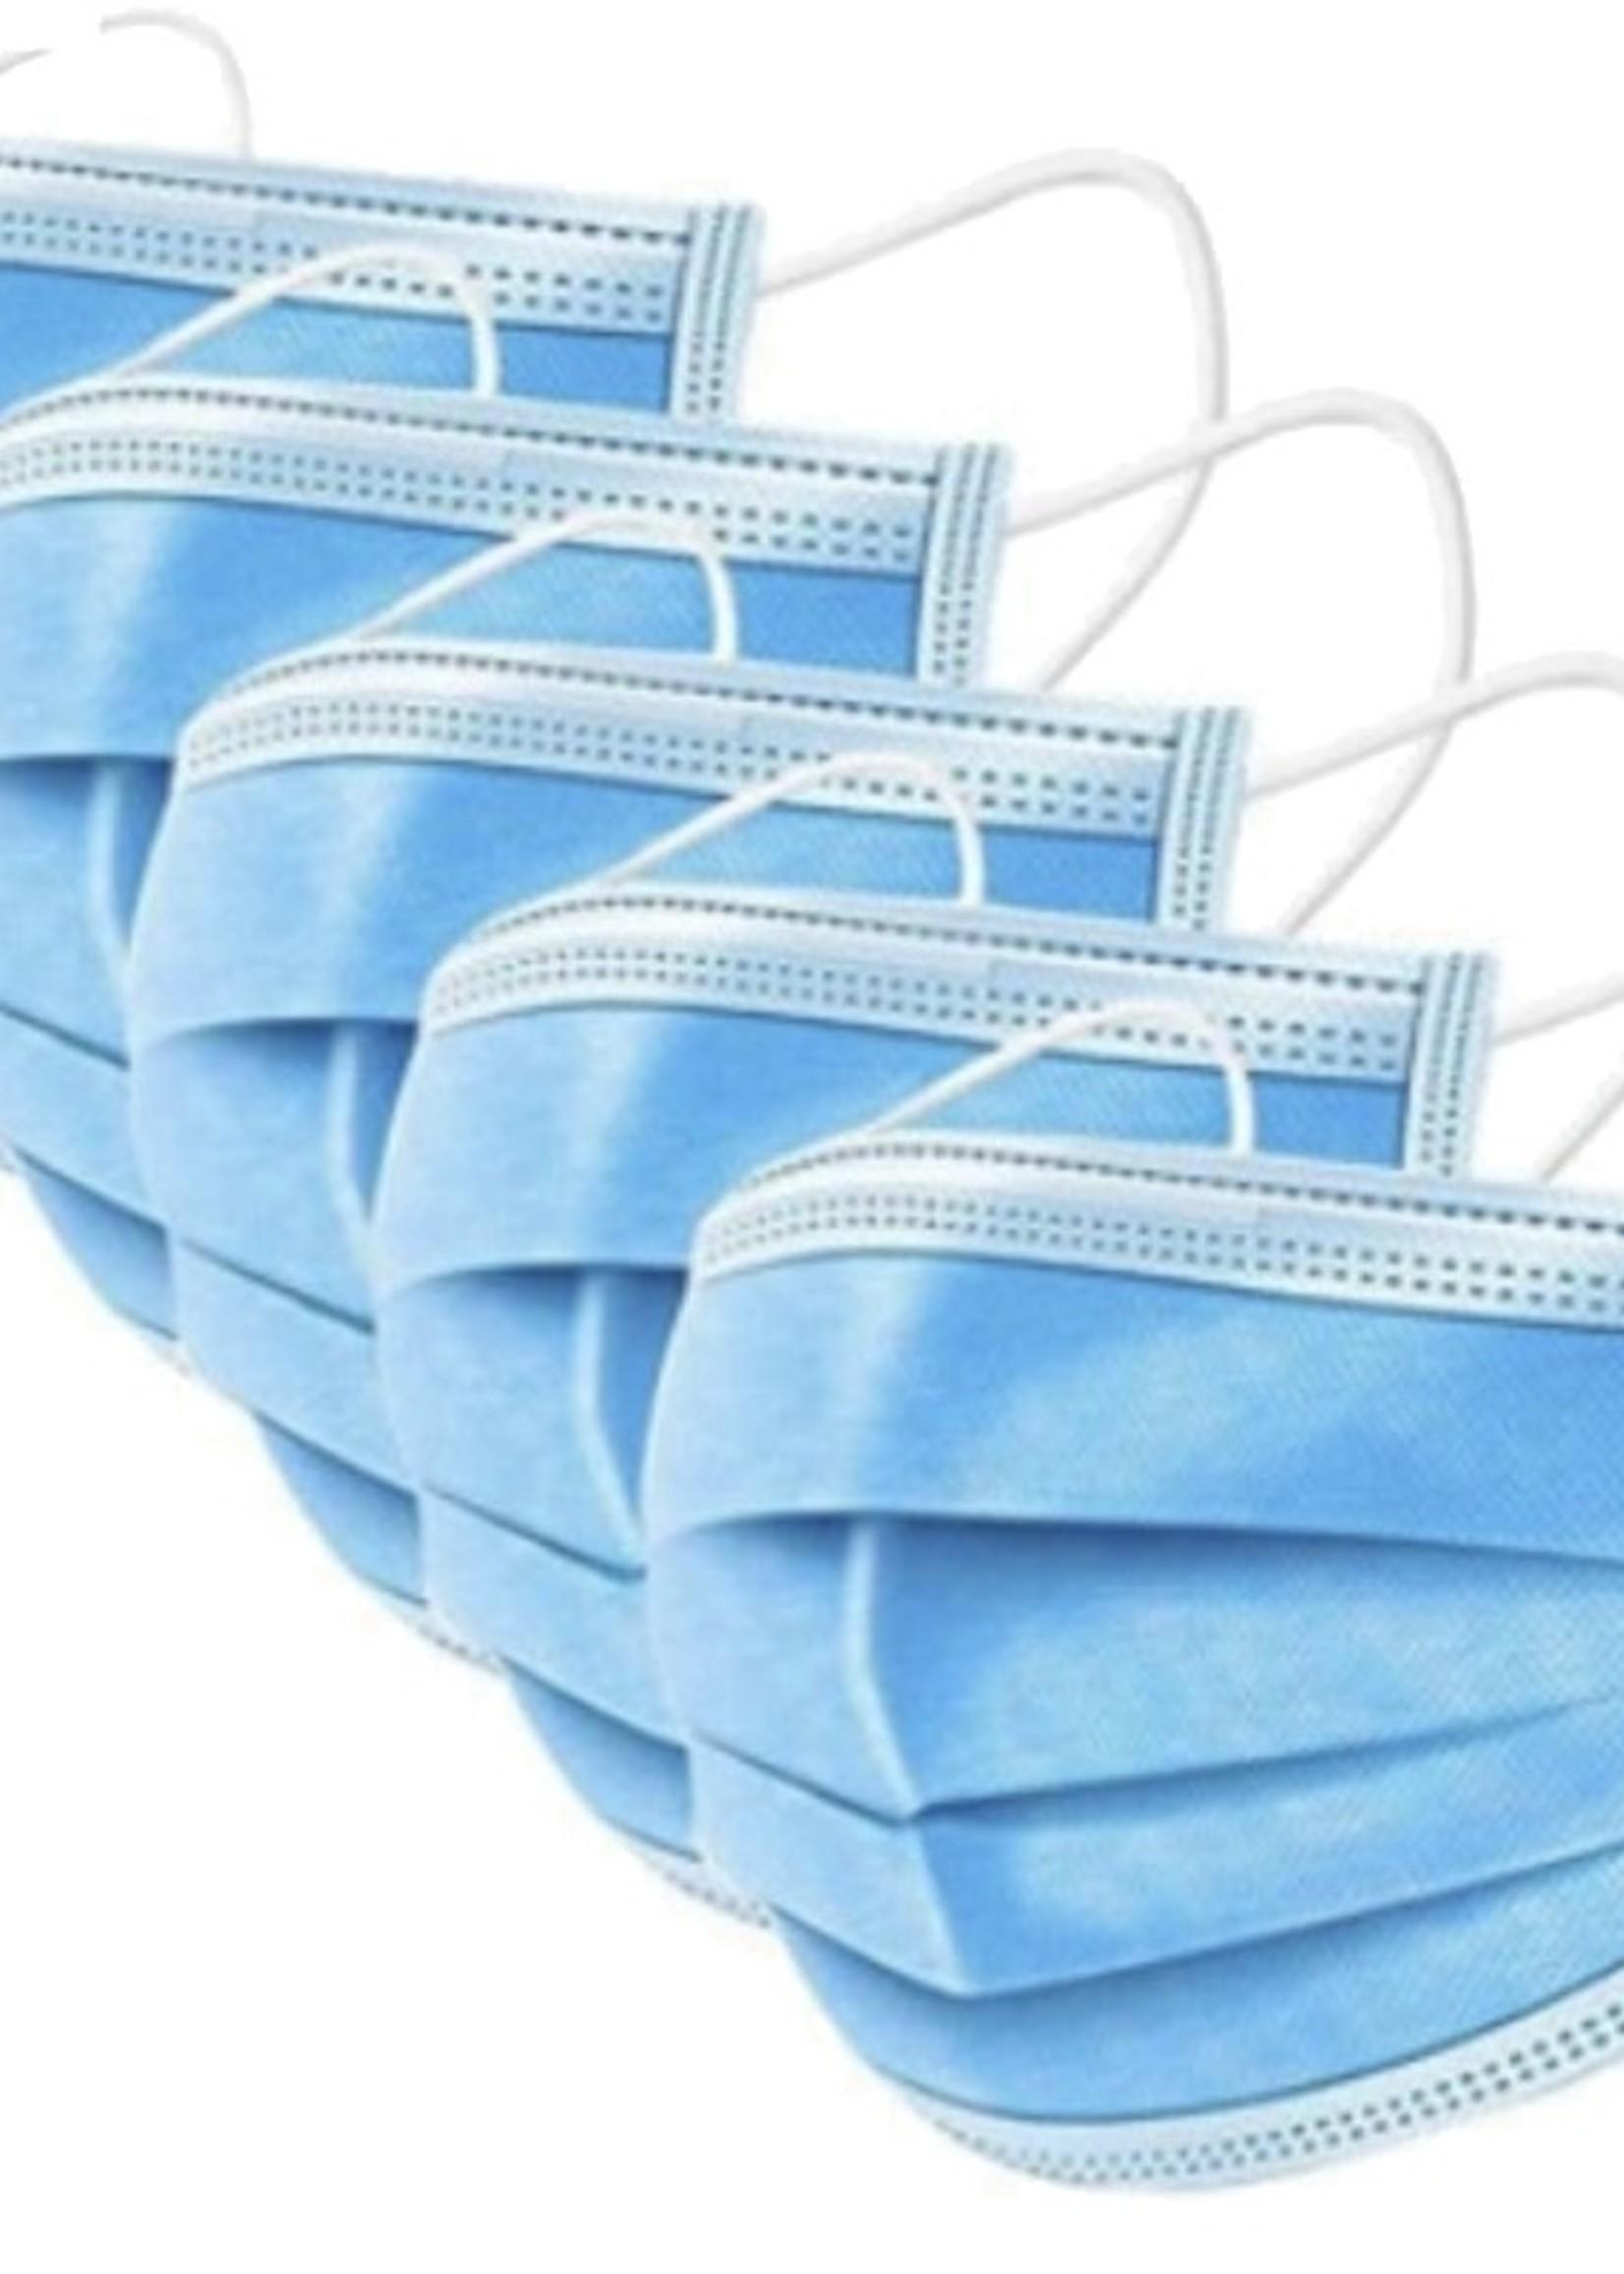 Mondkapjes 3 Laags (50 stuks) | Elastische Bevestiging | Wegwerp | 3PLY | Stofmasker